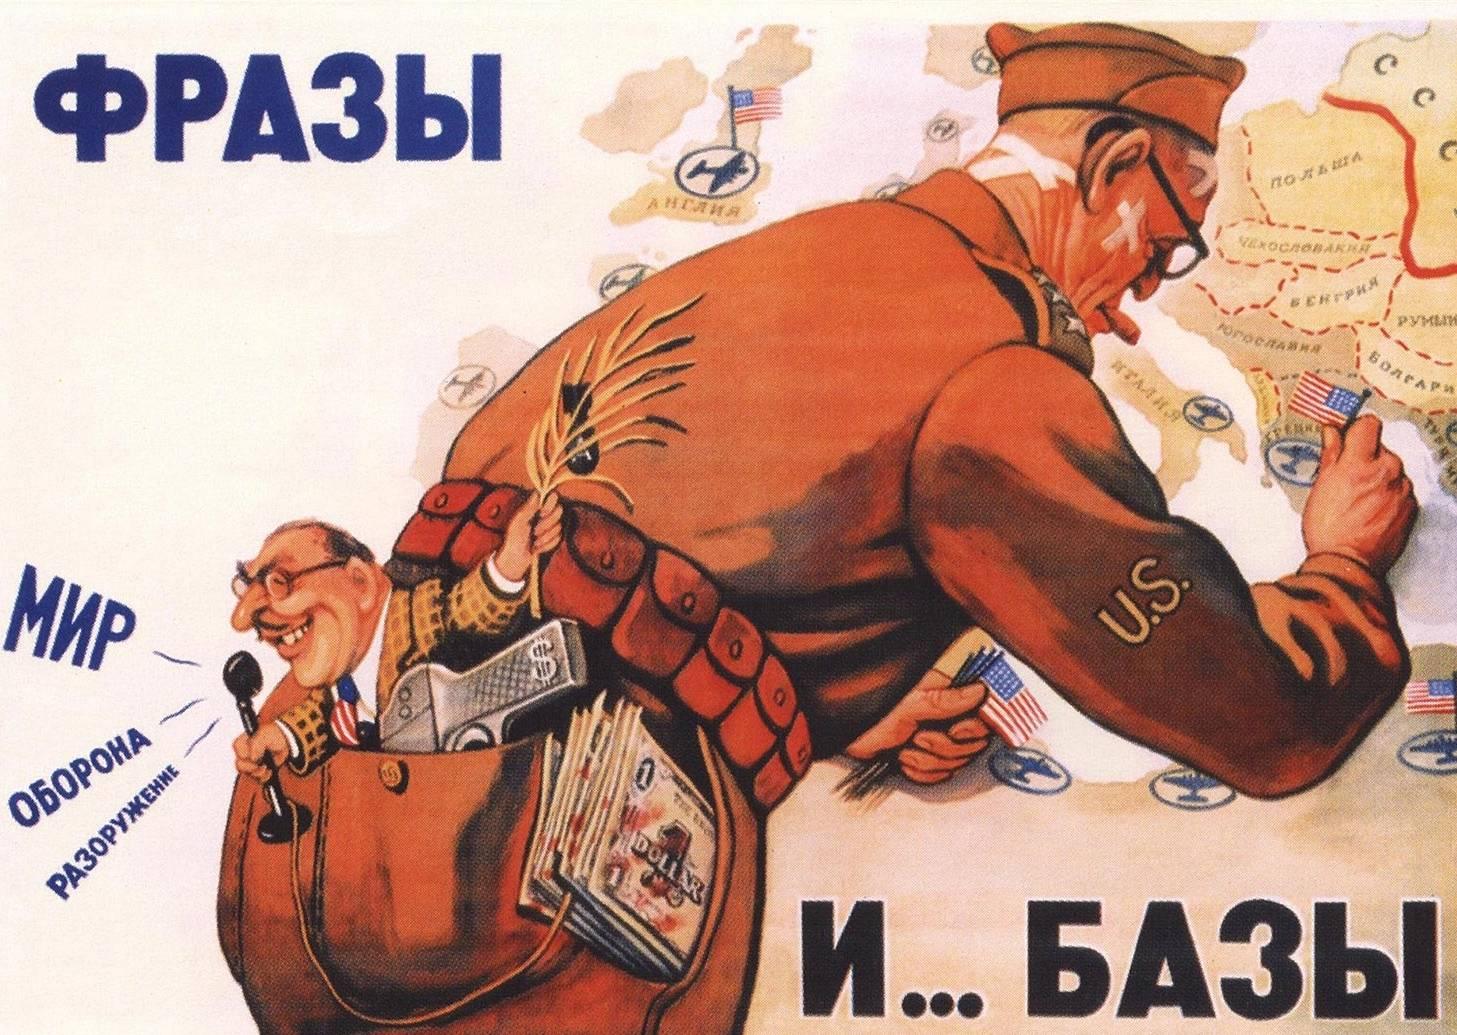 Виктор Говорков. Фразы и базы. 1952 год